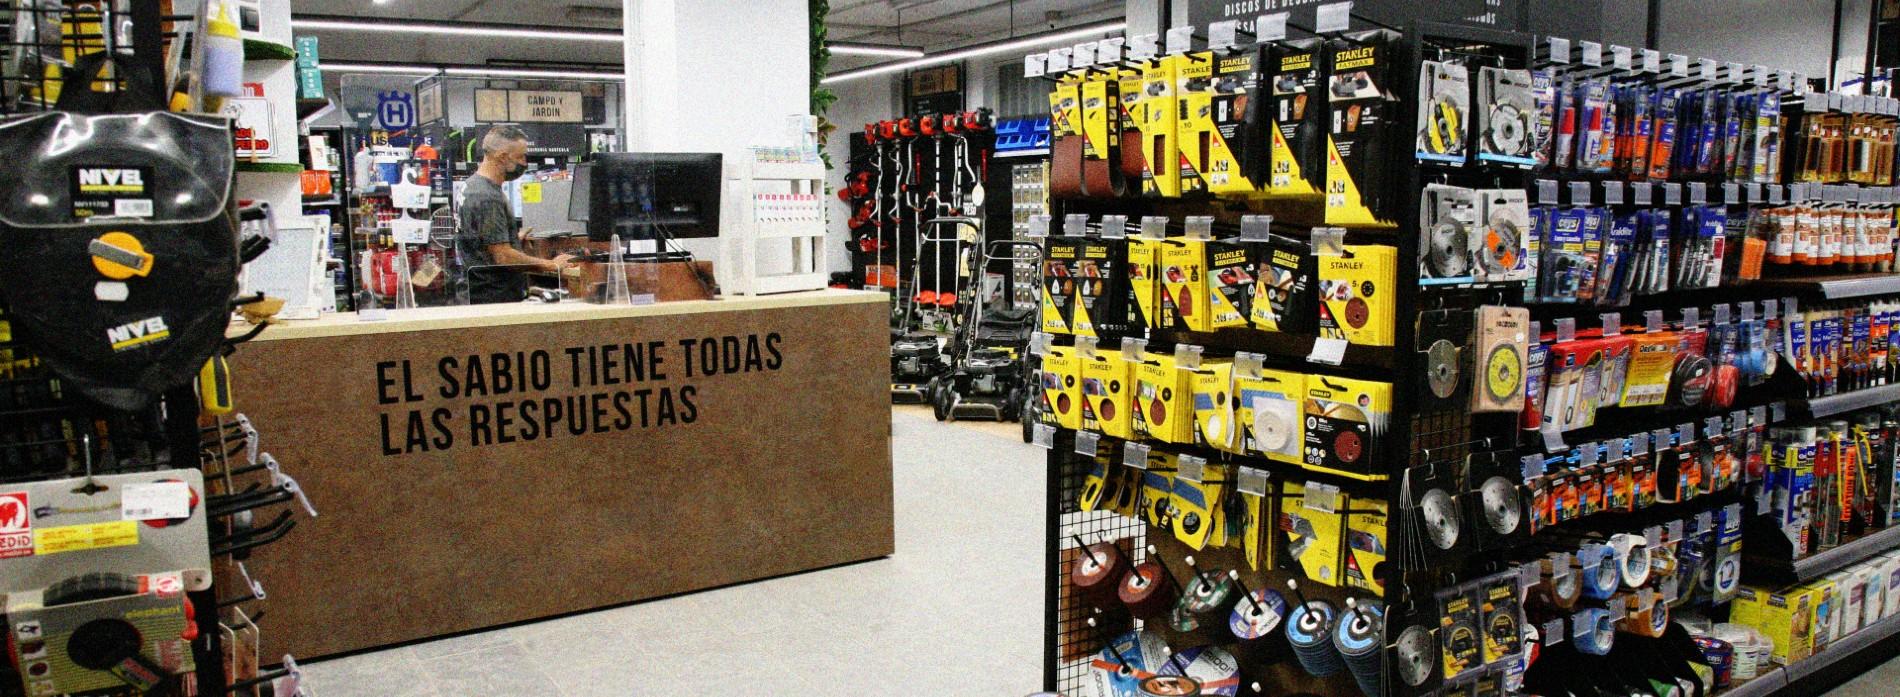 El Sabio inicia su desembarco en Asturias con la apertura de su primera tienda en Langreo